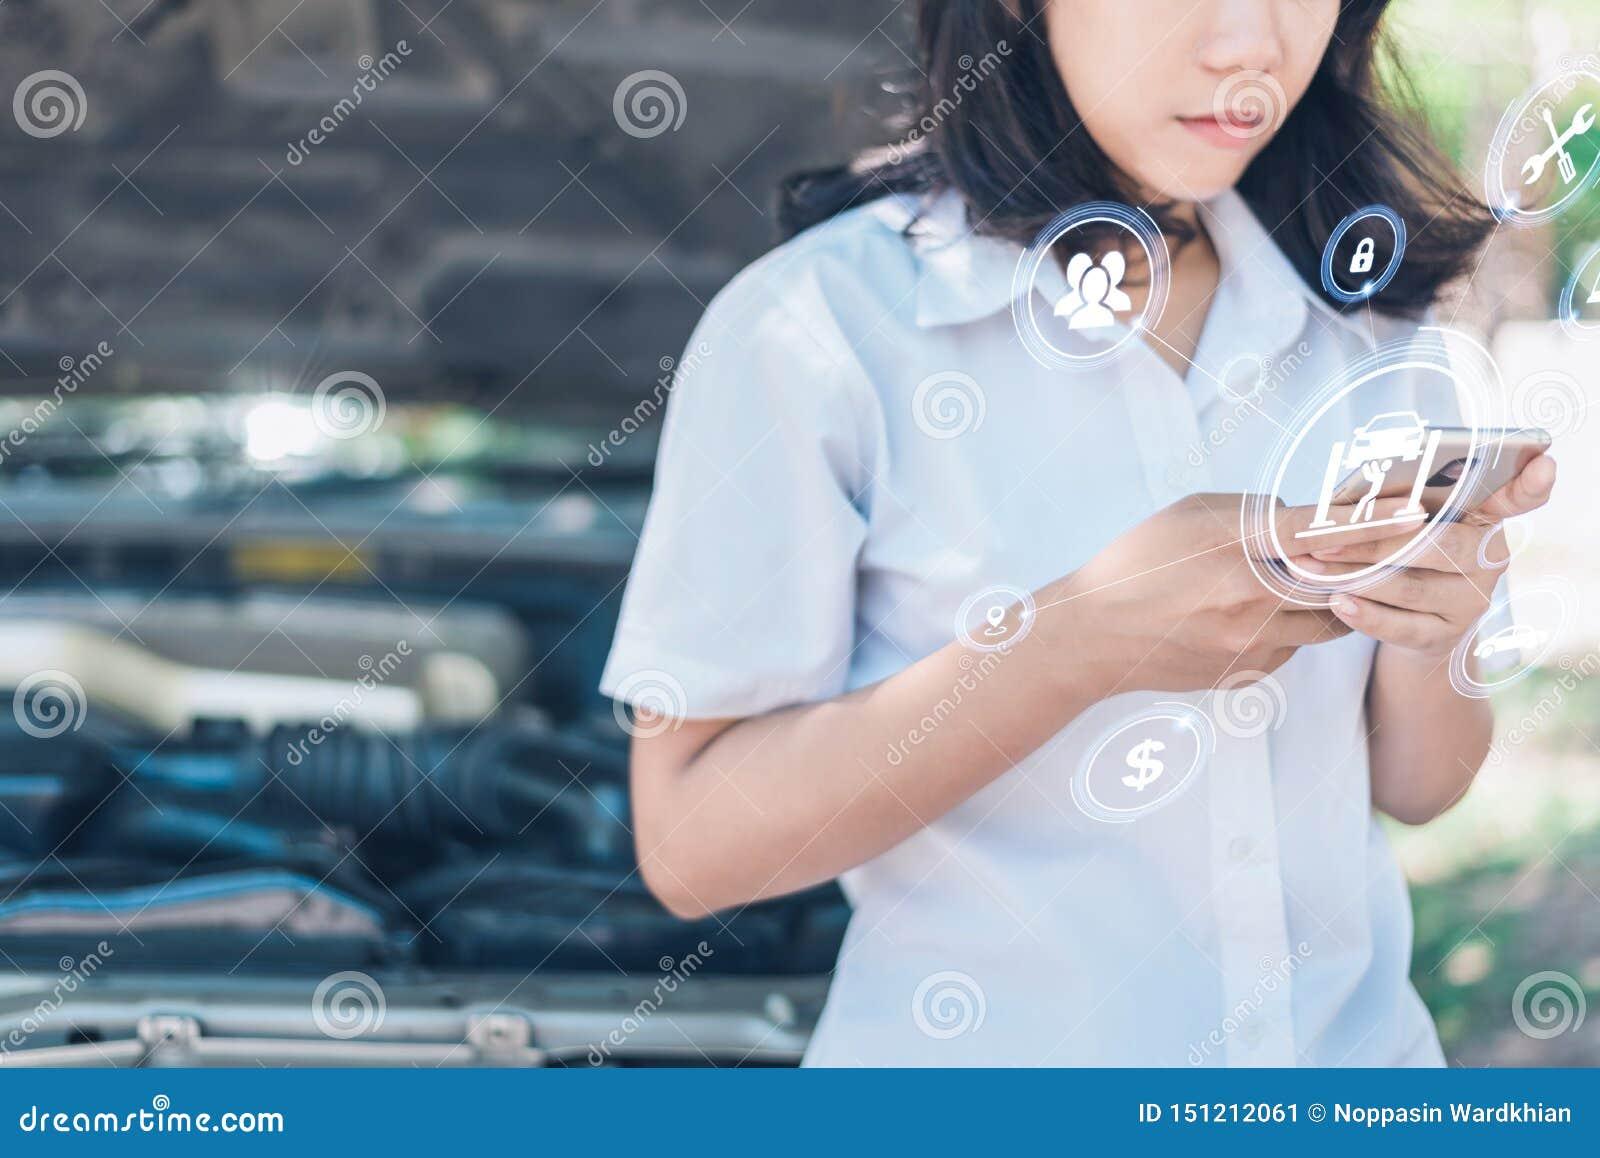 Das abstrakte Bild des Geschäftsmannpunktes zum Hologramm auf seinem Smartphone und unscharfen Automotorraum ist Hintergrund Das